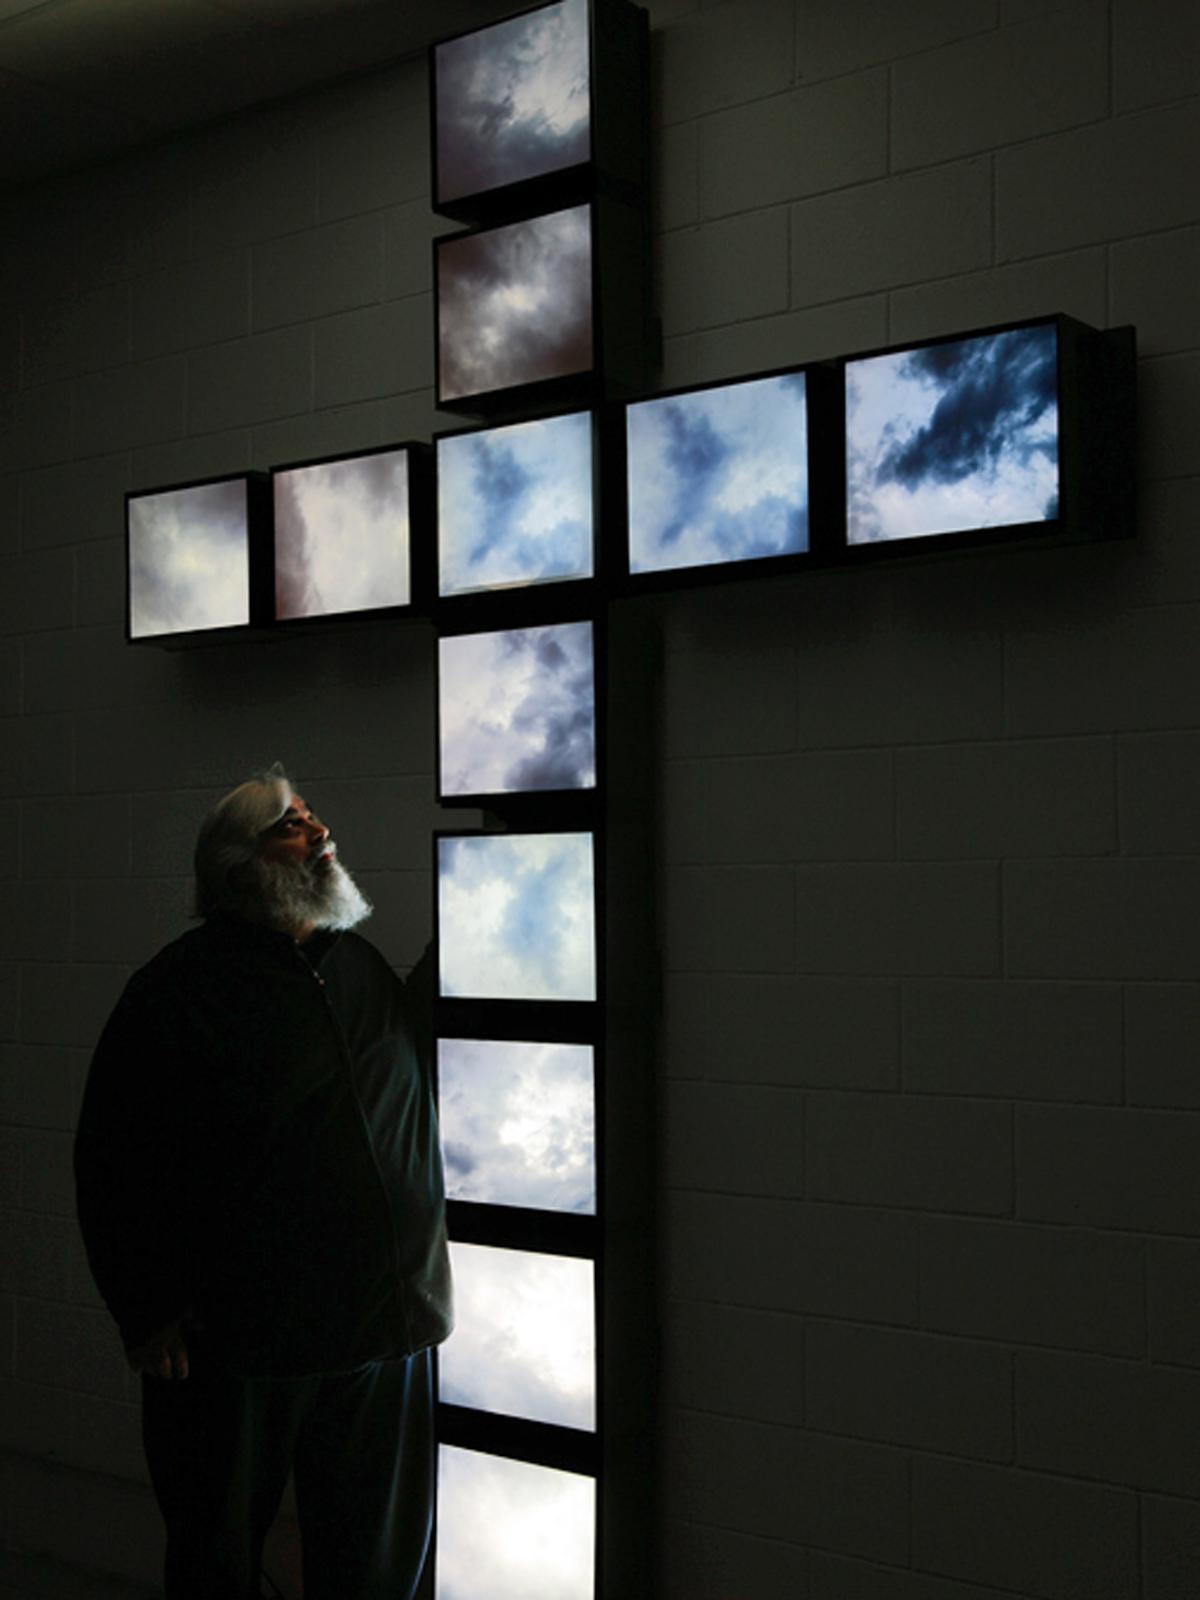 Davide Coltro, Crux (2013), MD-System 19, pittura elettronica, polittico cm 300 x 240 (Courtesy Gagliardi & Domke Gallery - Turin, foto Luca Nicolini)